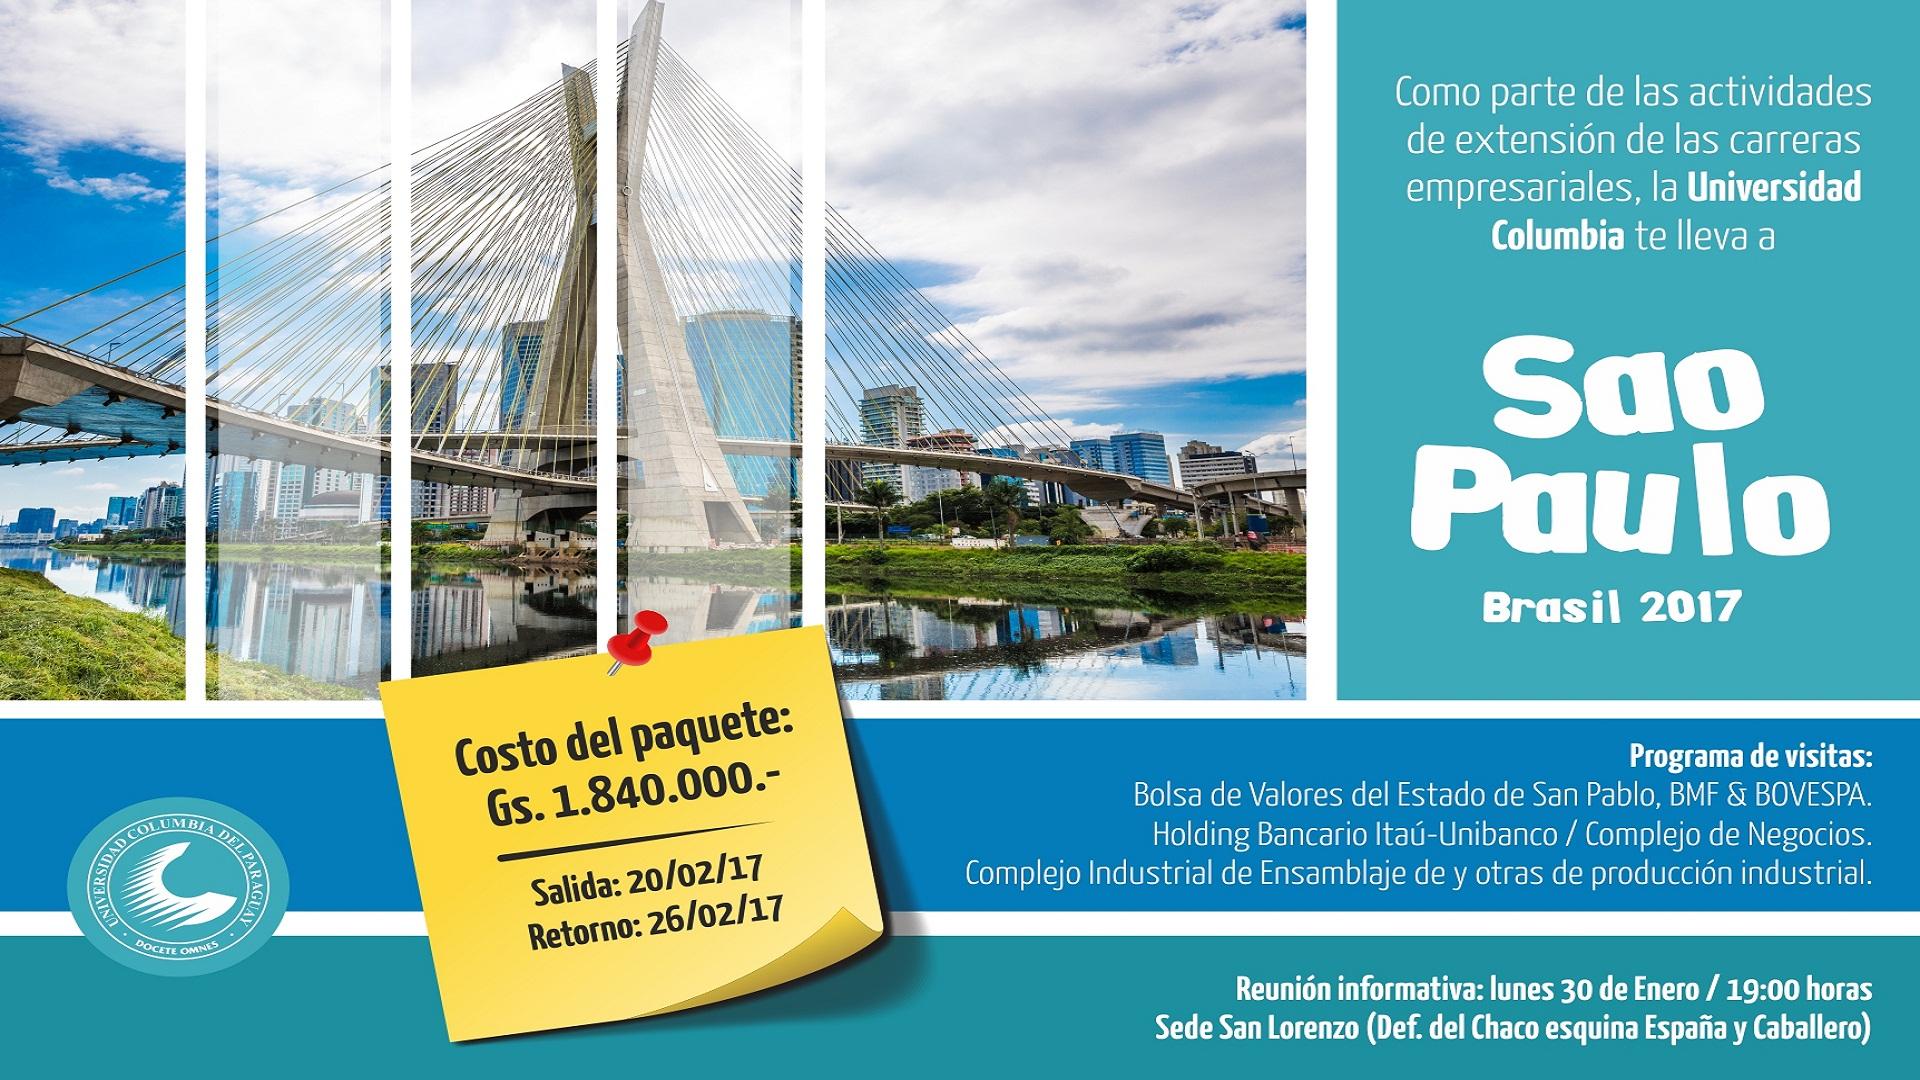 De Asunción a Sao Paulo, como actividad de extensión de carreras ...